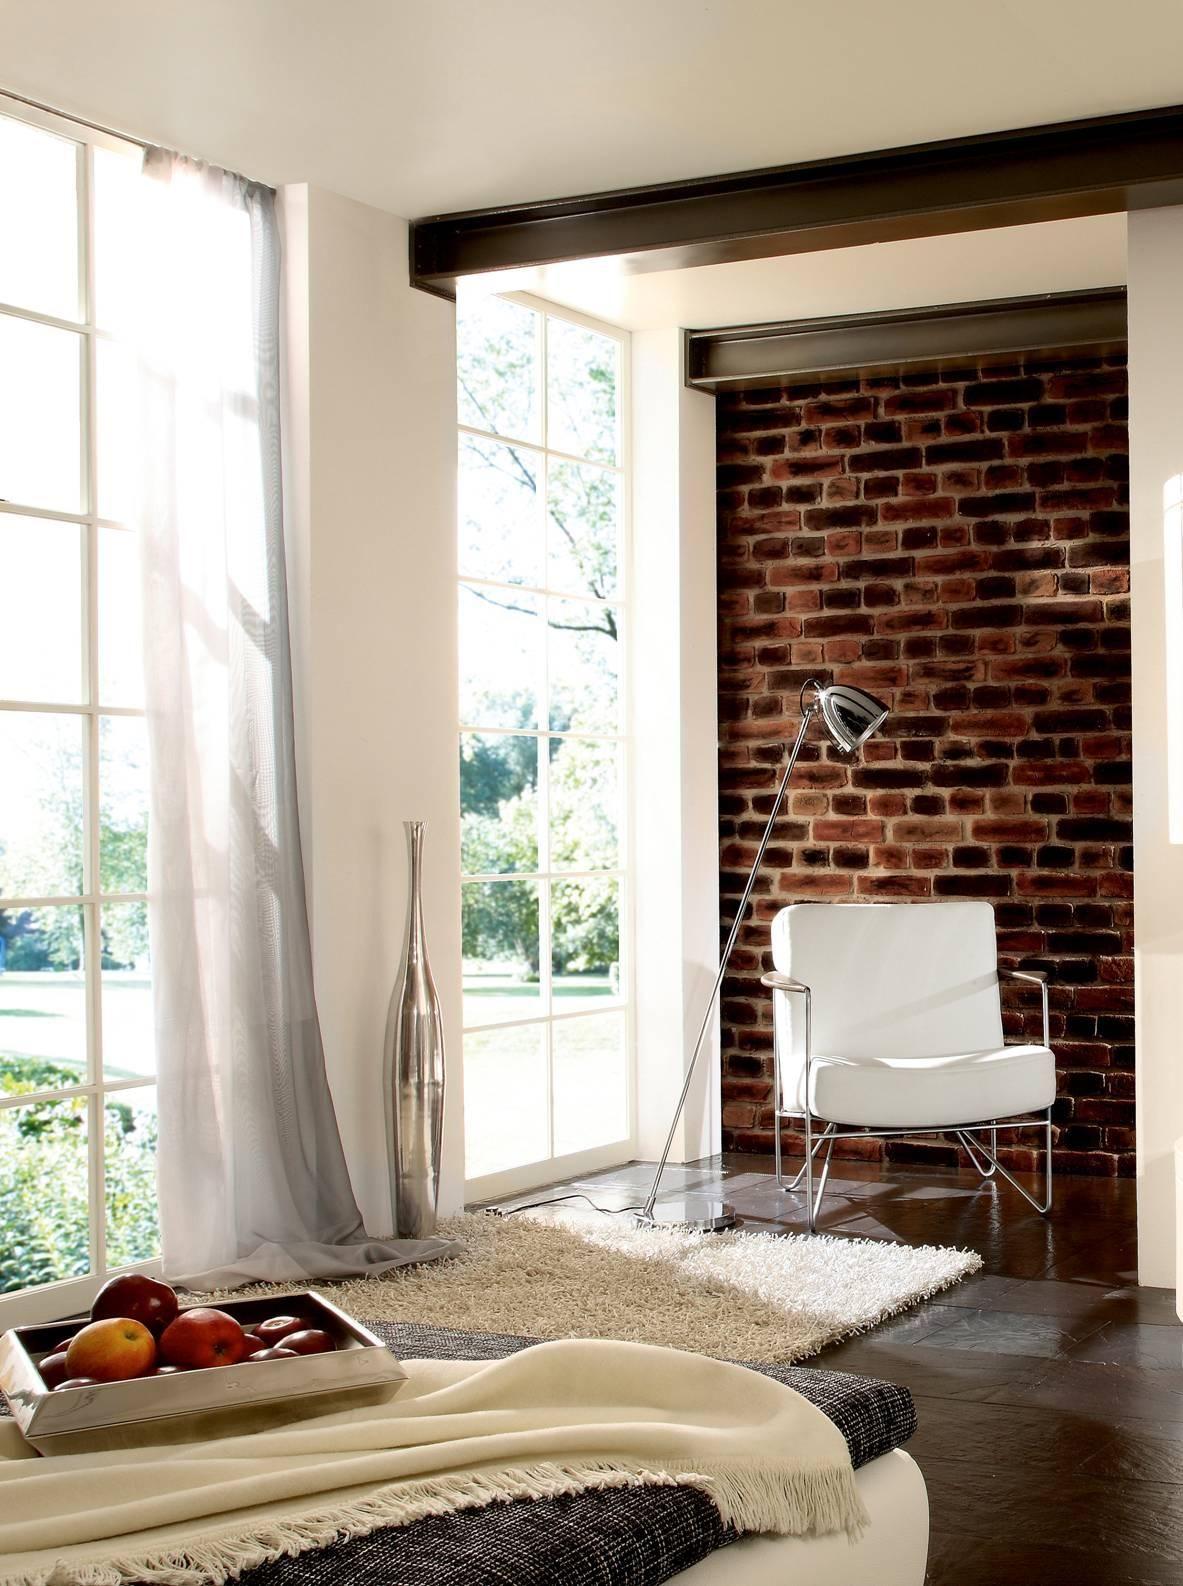 wandverkleidung mit backstein ladrillo | wandgestaltung wohnzimmer